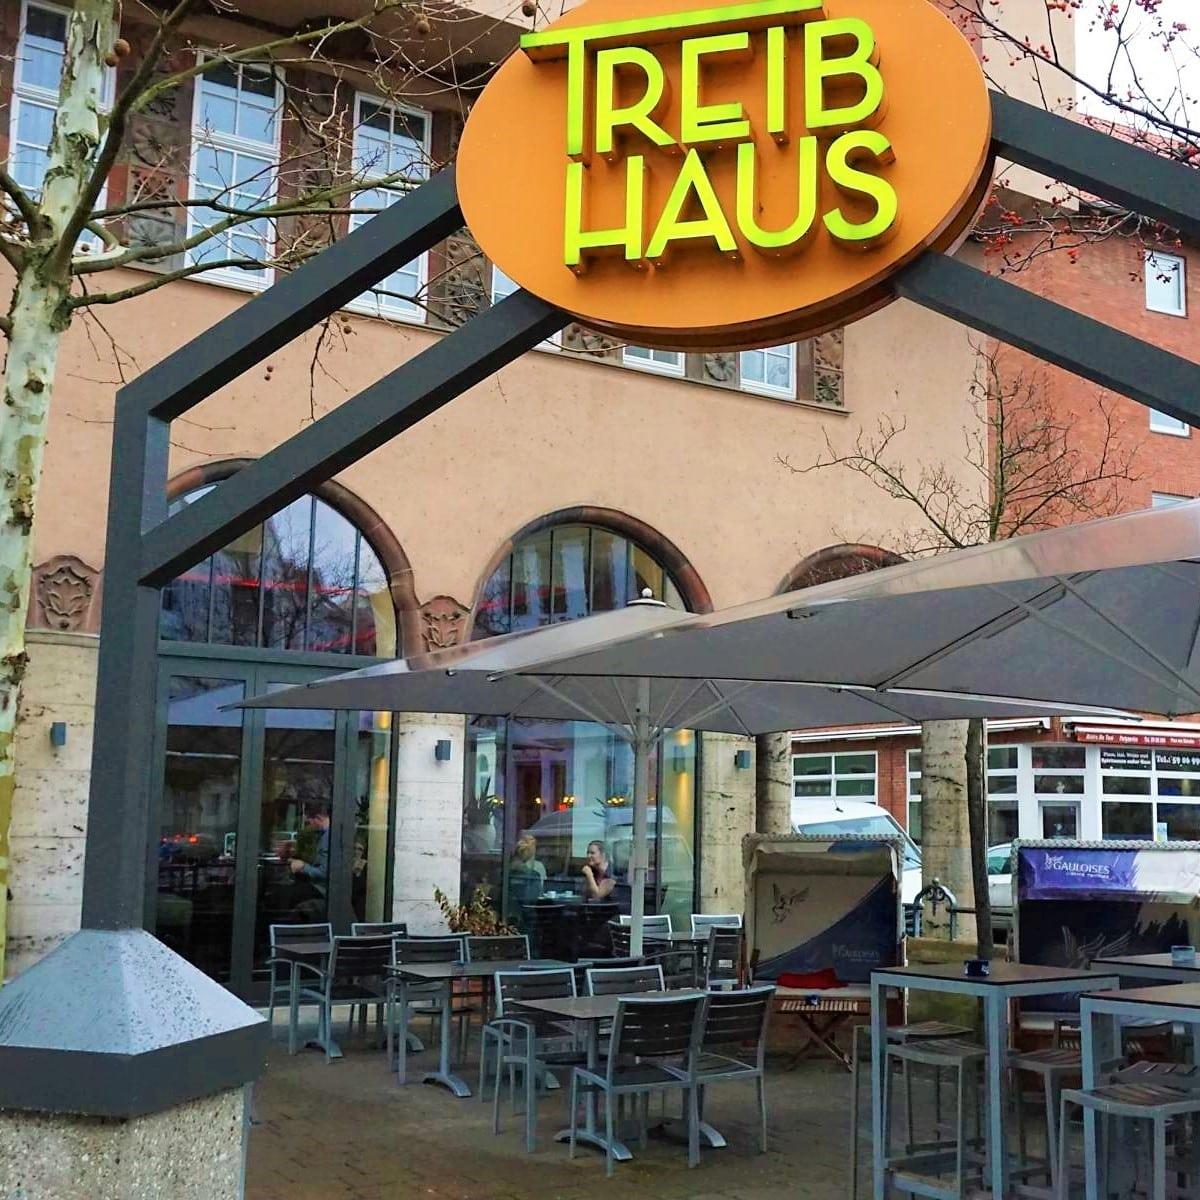 Style Hannover Treibhaus 1 - Treibhaus – Gastrokult in der List